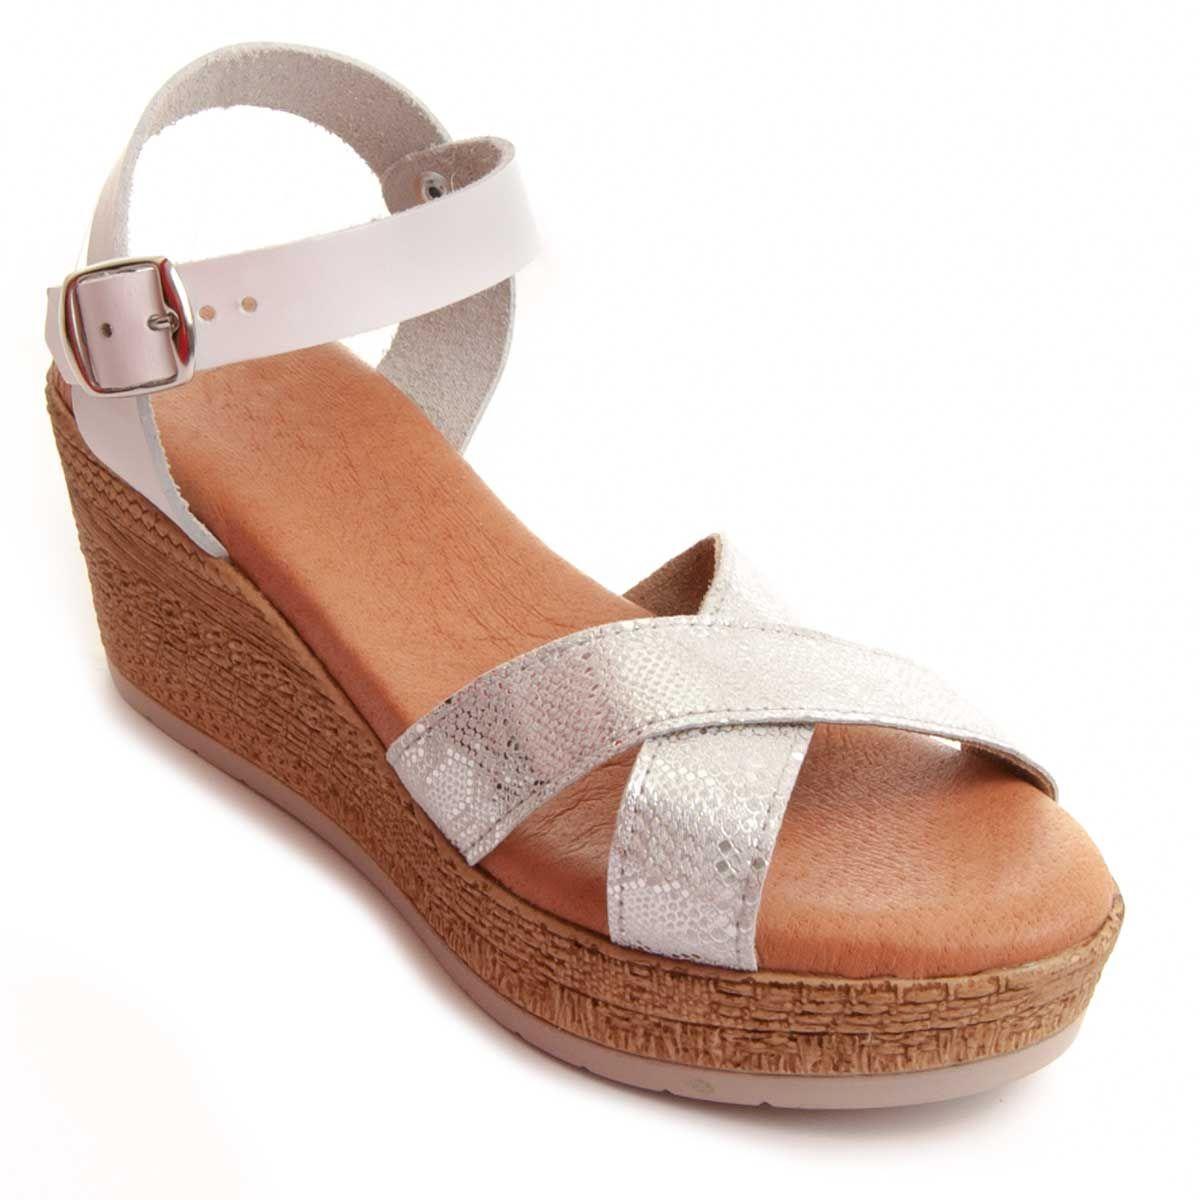 Purapiel Wedge Sandal in Silver